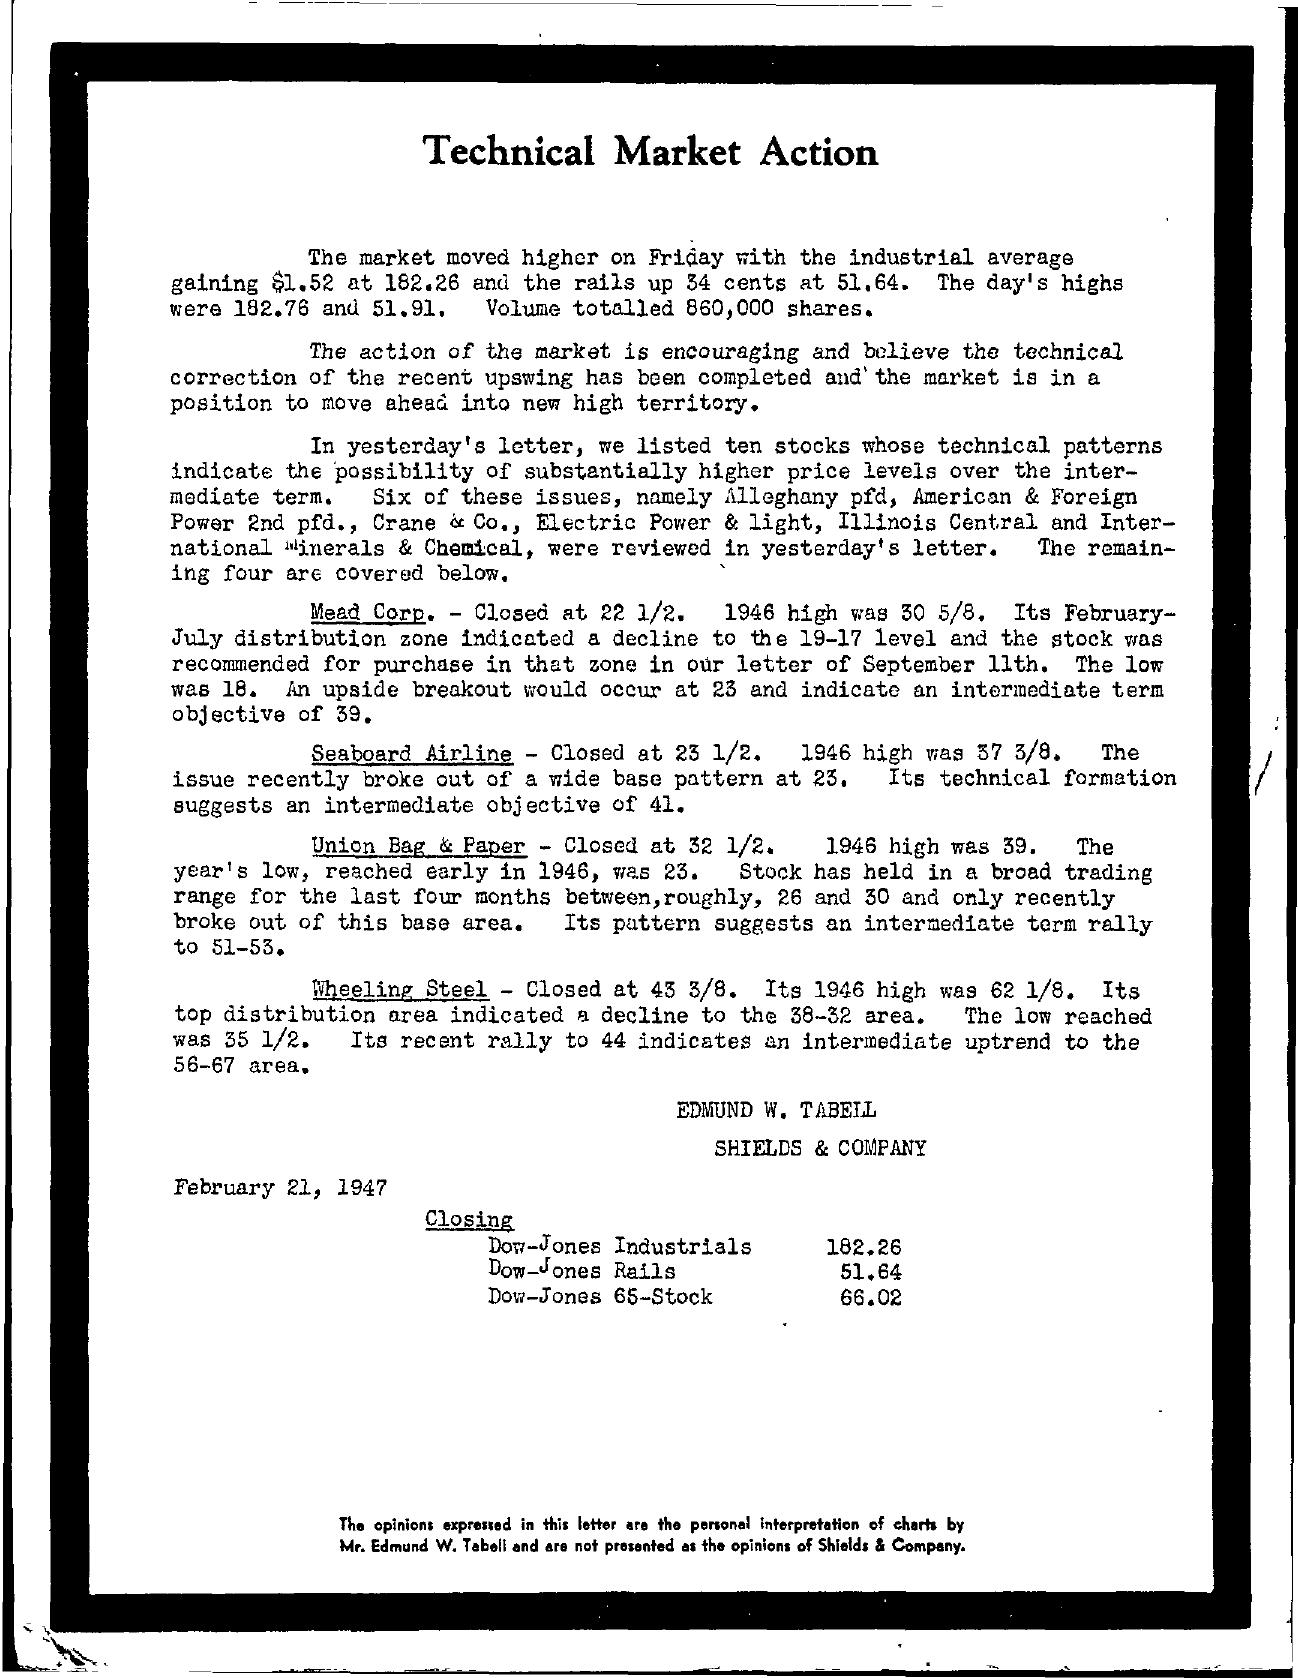 Tabell's Market Letter - February 21, 1947